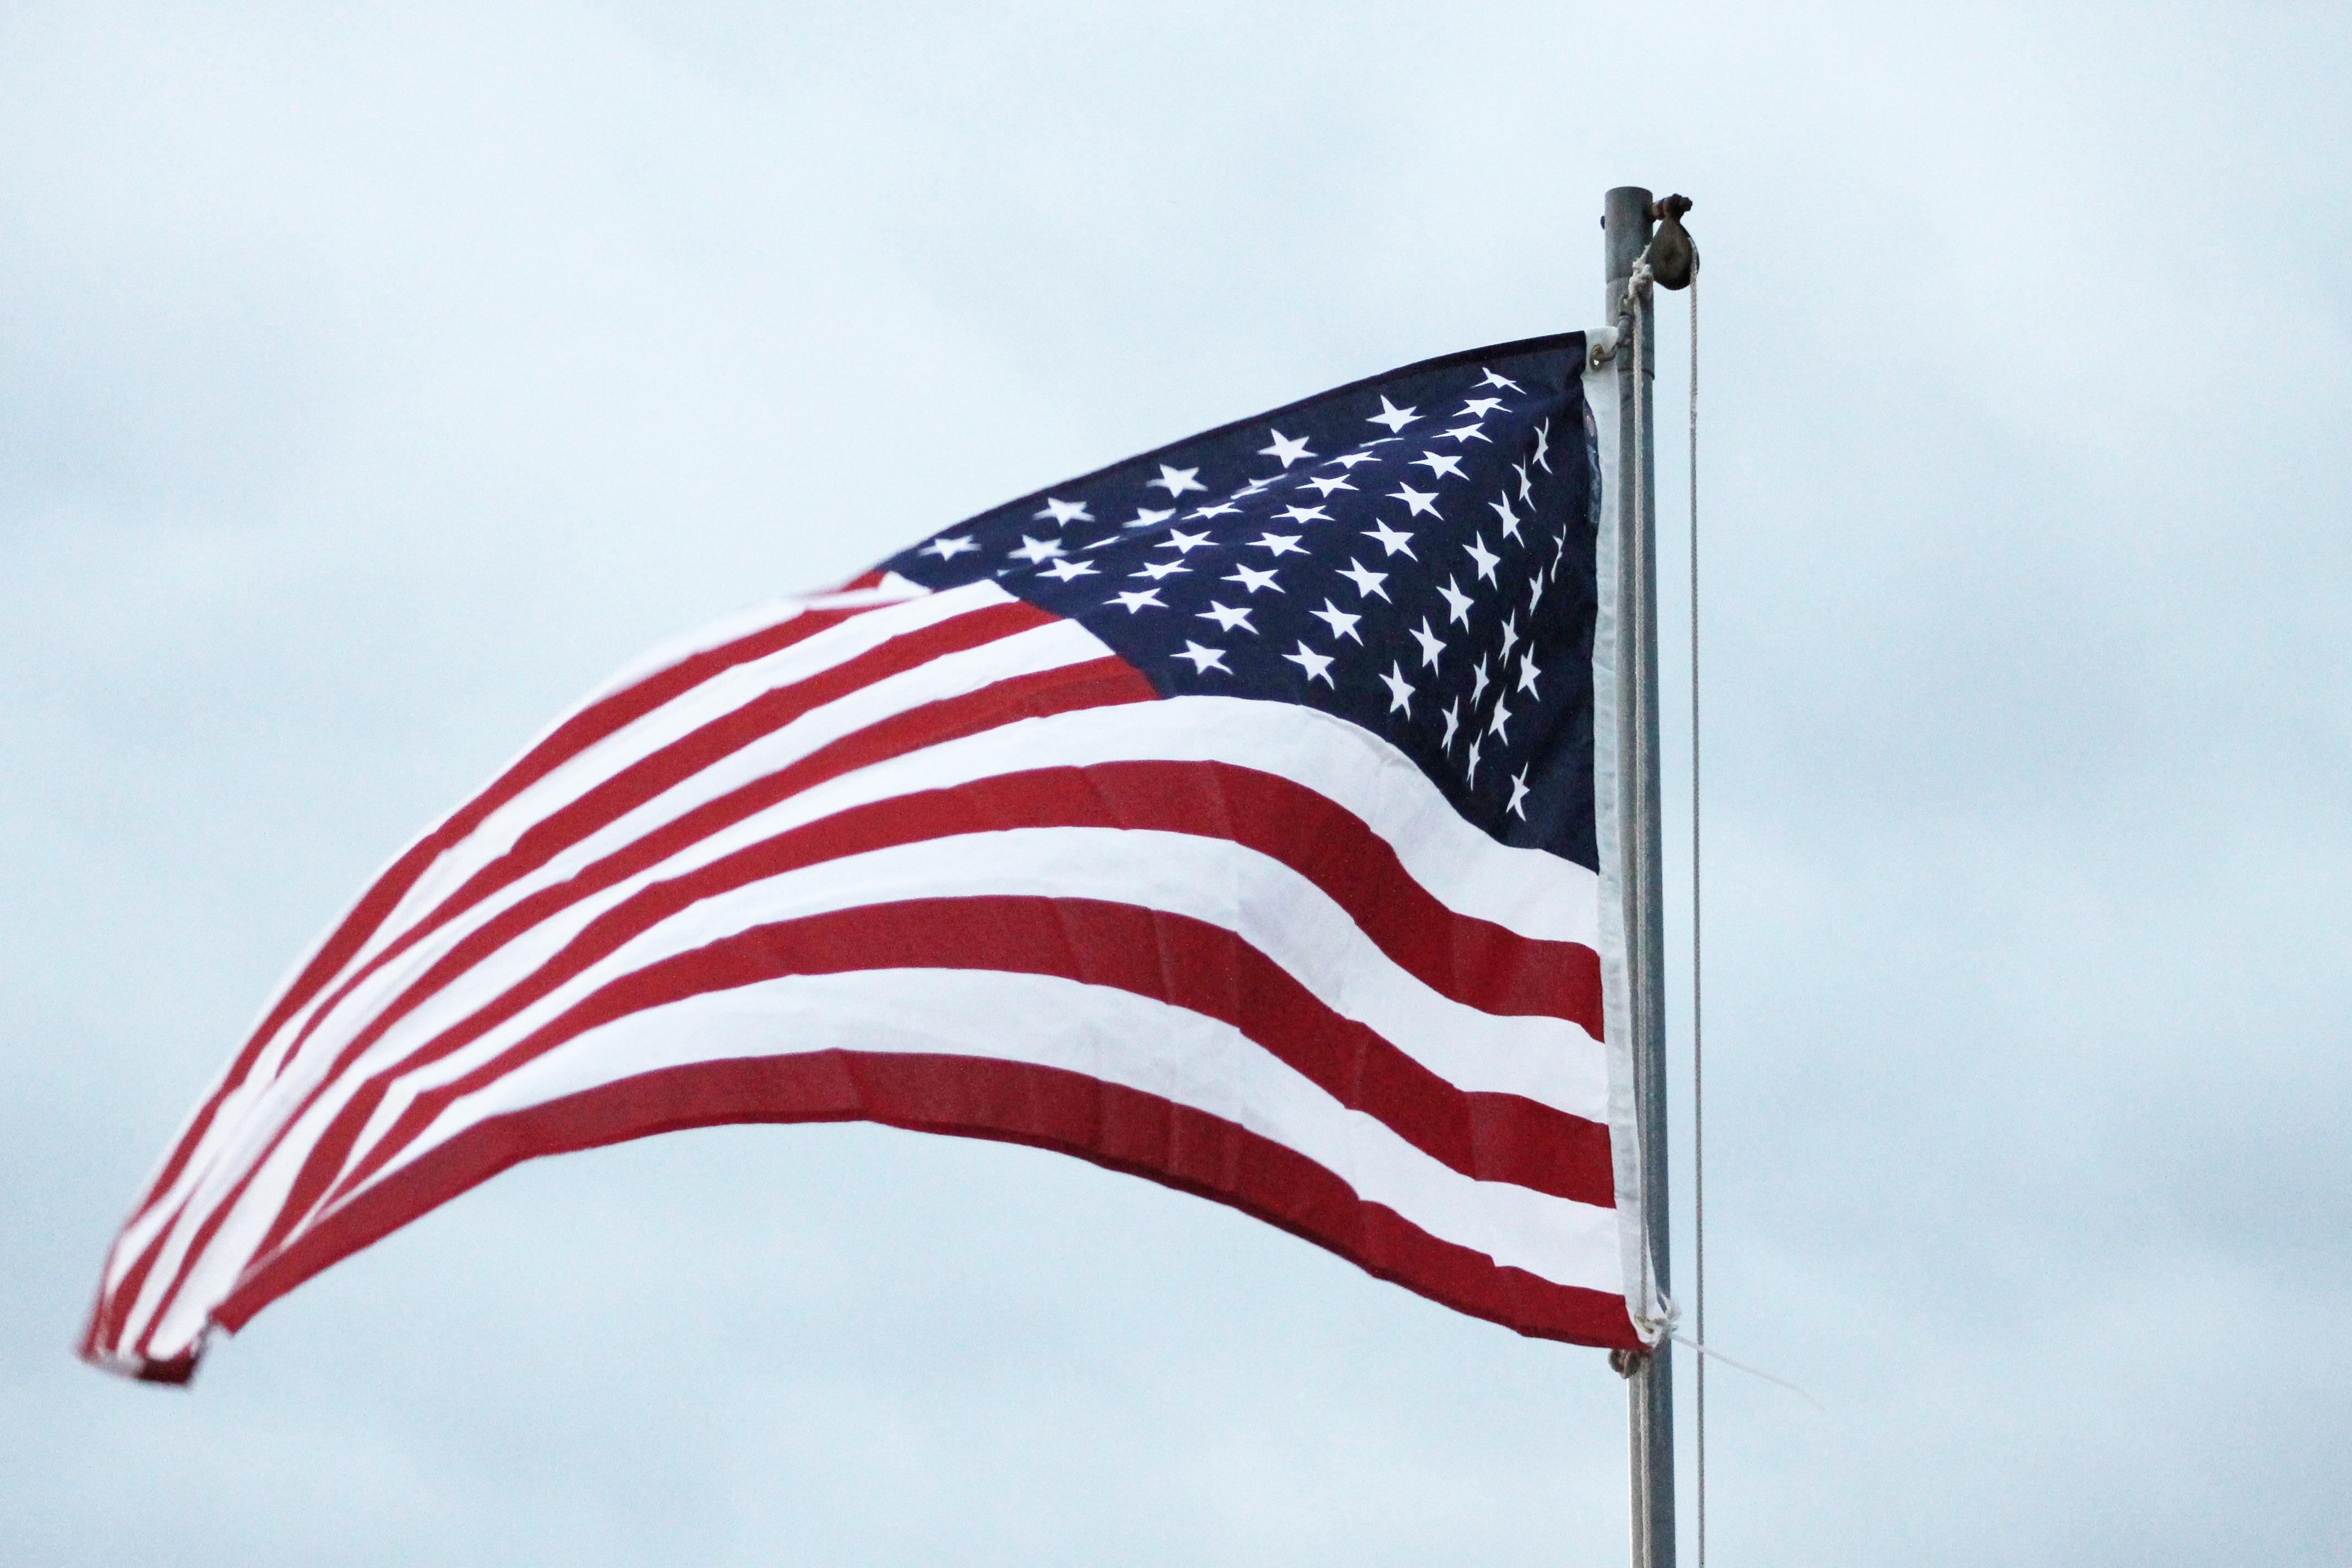 hình ảnh : Bầu trời, trắng, ngôi sao, làn sóng, Gió, Quốc gia, Đỏ, ký hiệu,  Hoa Kỳ, America, cờ Mỹ, ngày lễ, màu xanh da trời, sự tự do, ...